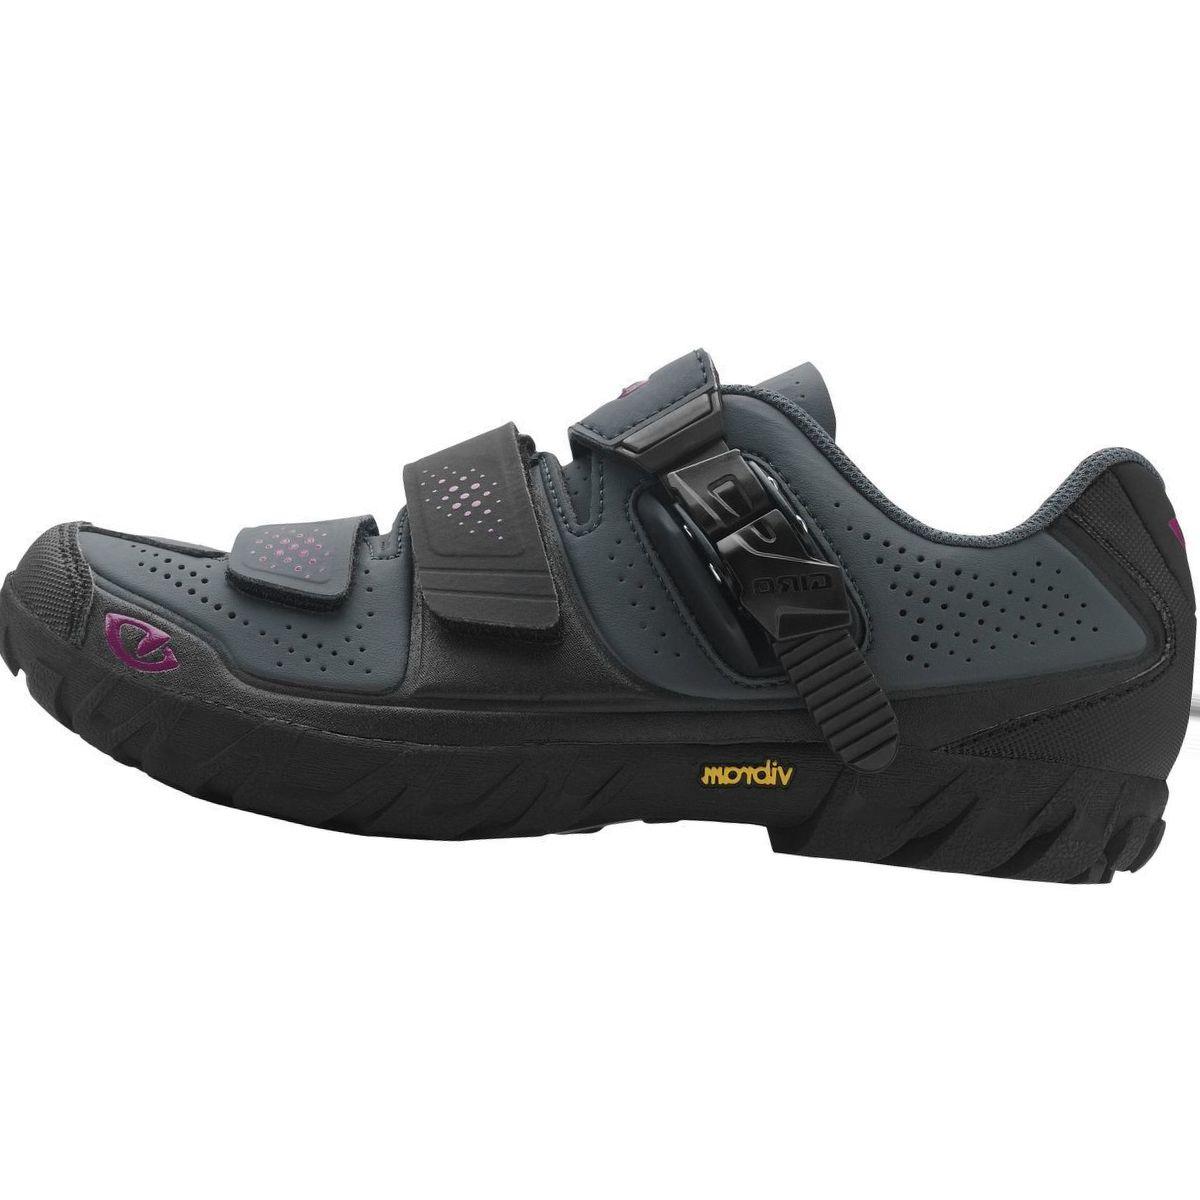 Giro Terradura Mountain Cycling Shoe - Women's